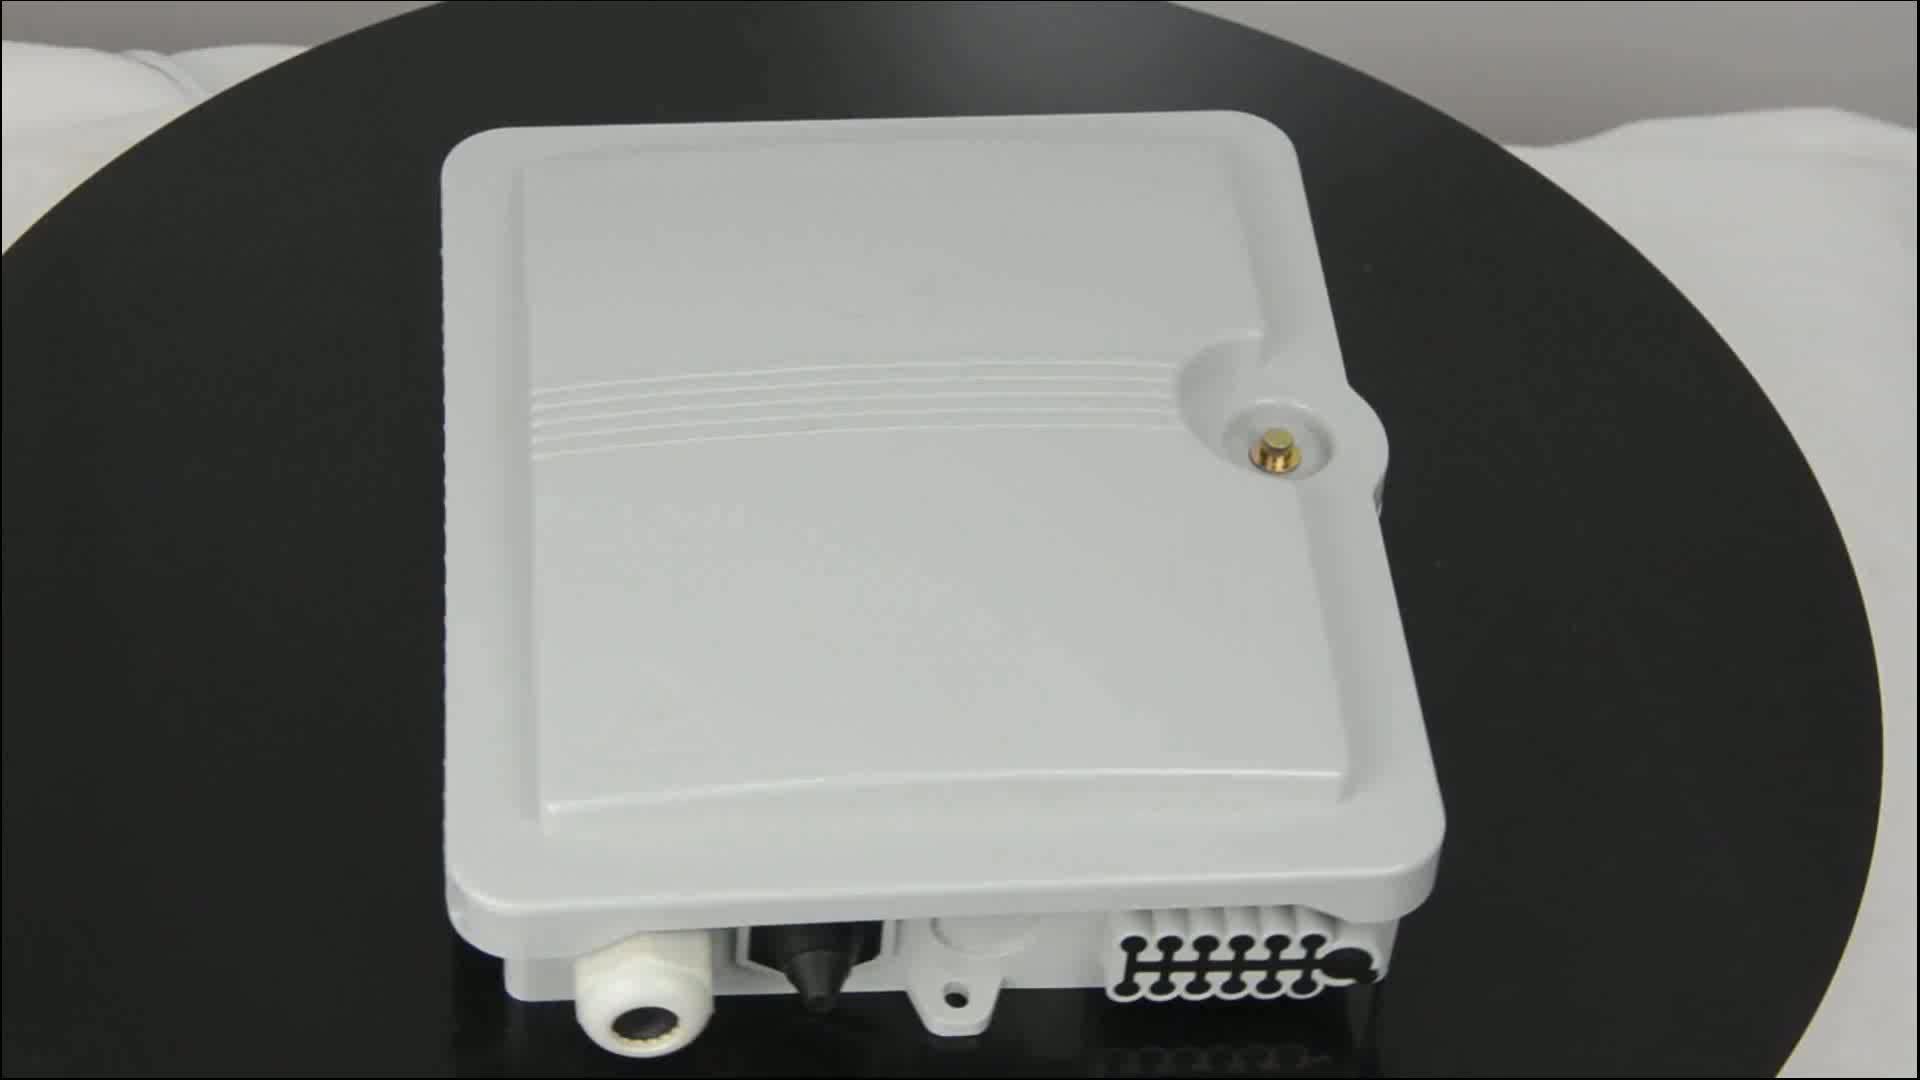 Caja de terminales de empalme de fibra óptica divisor IP 65 FTTH de 12 núcleos/puerto para exteriores